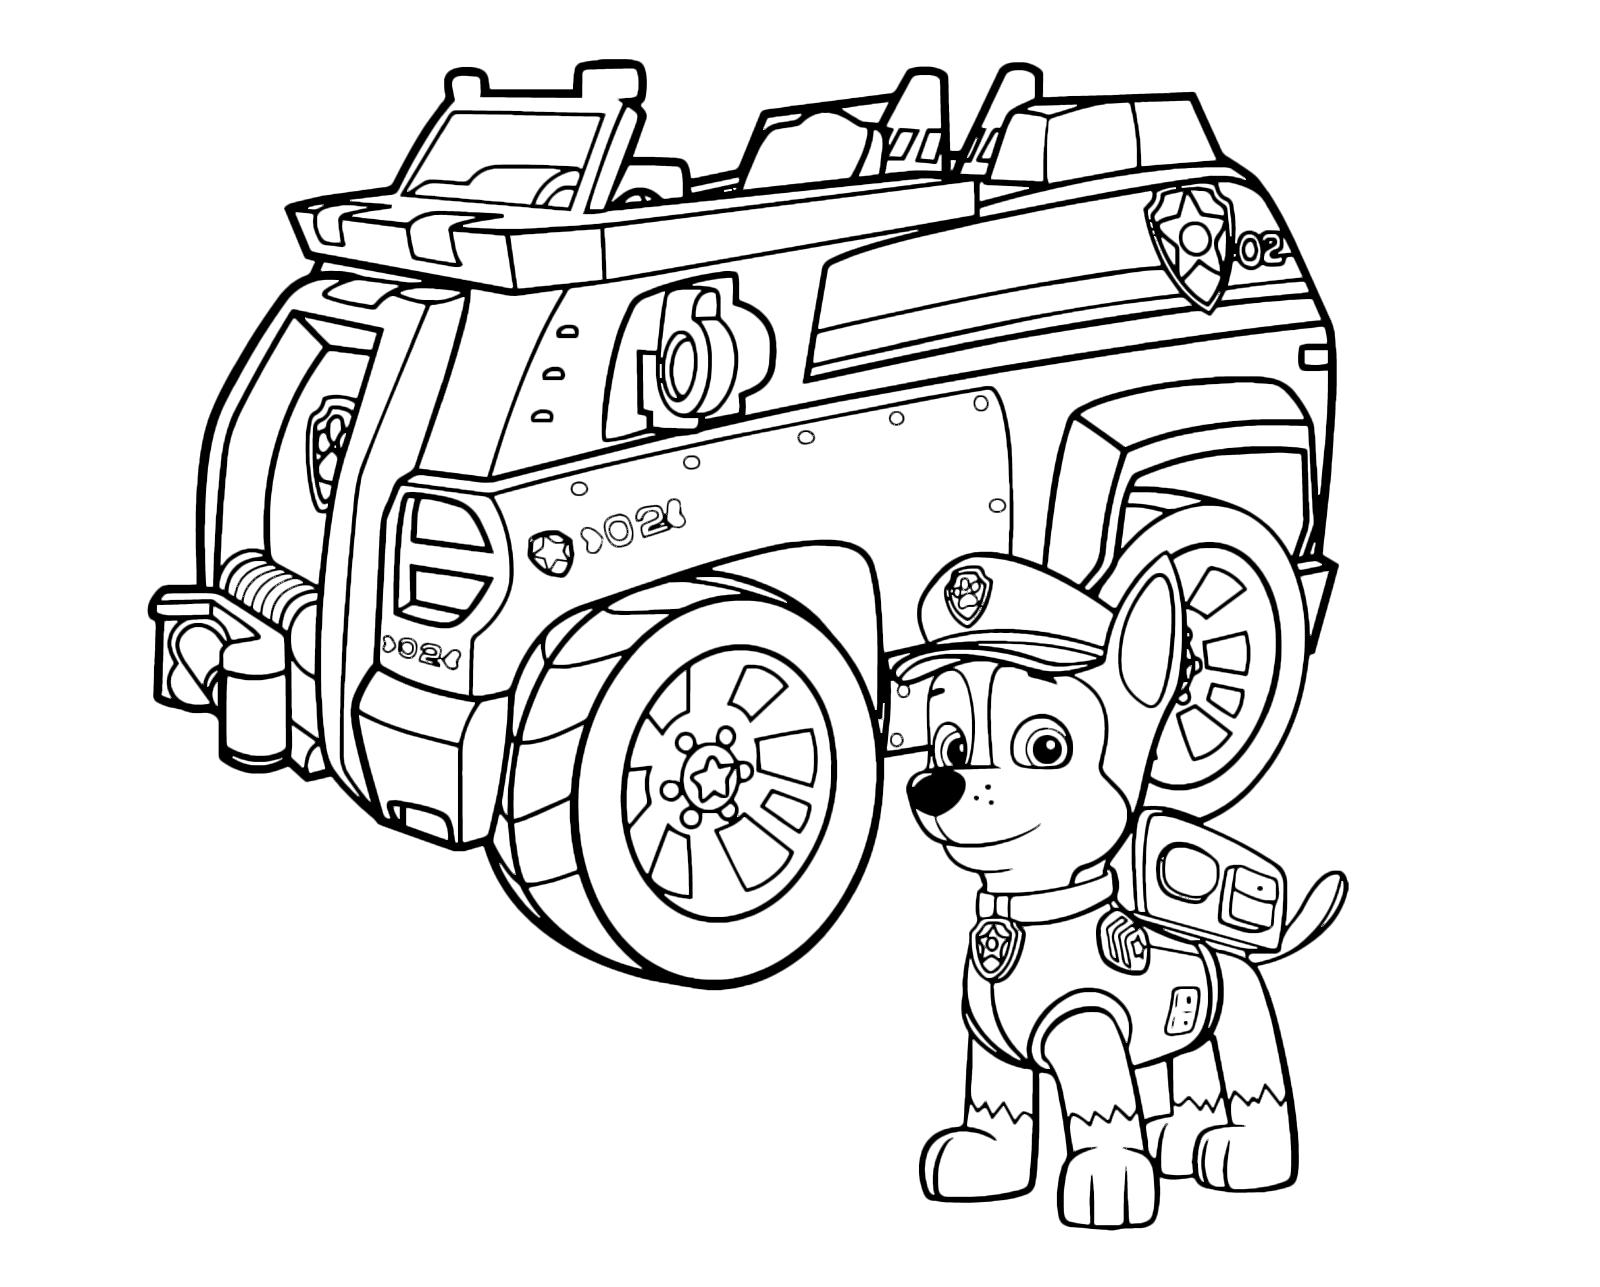 Paw patrol chase il cane poliziotto davanti al suo veicolo for Disegni da colorare paw patrol